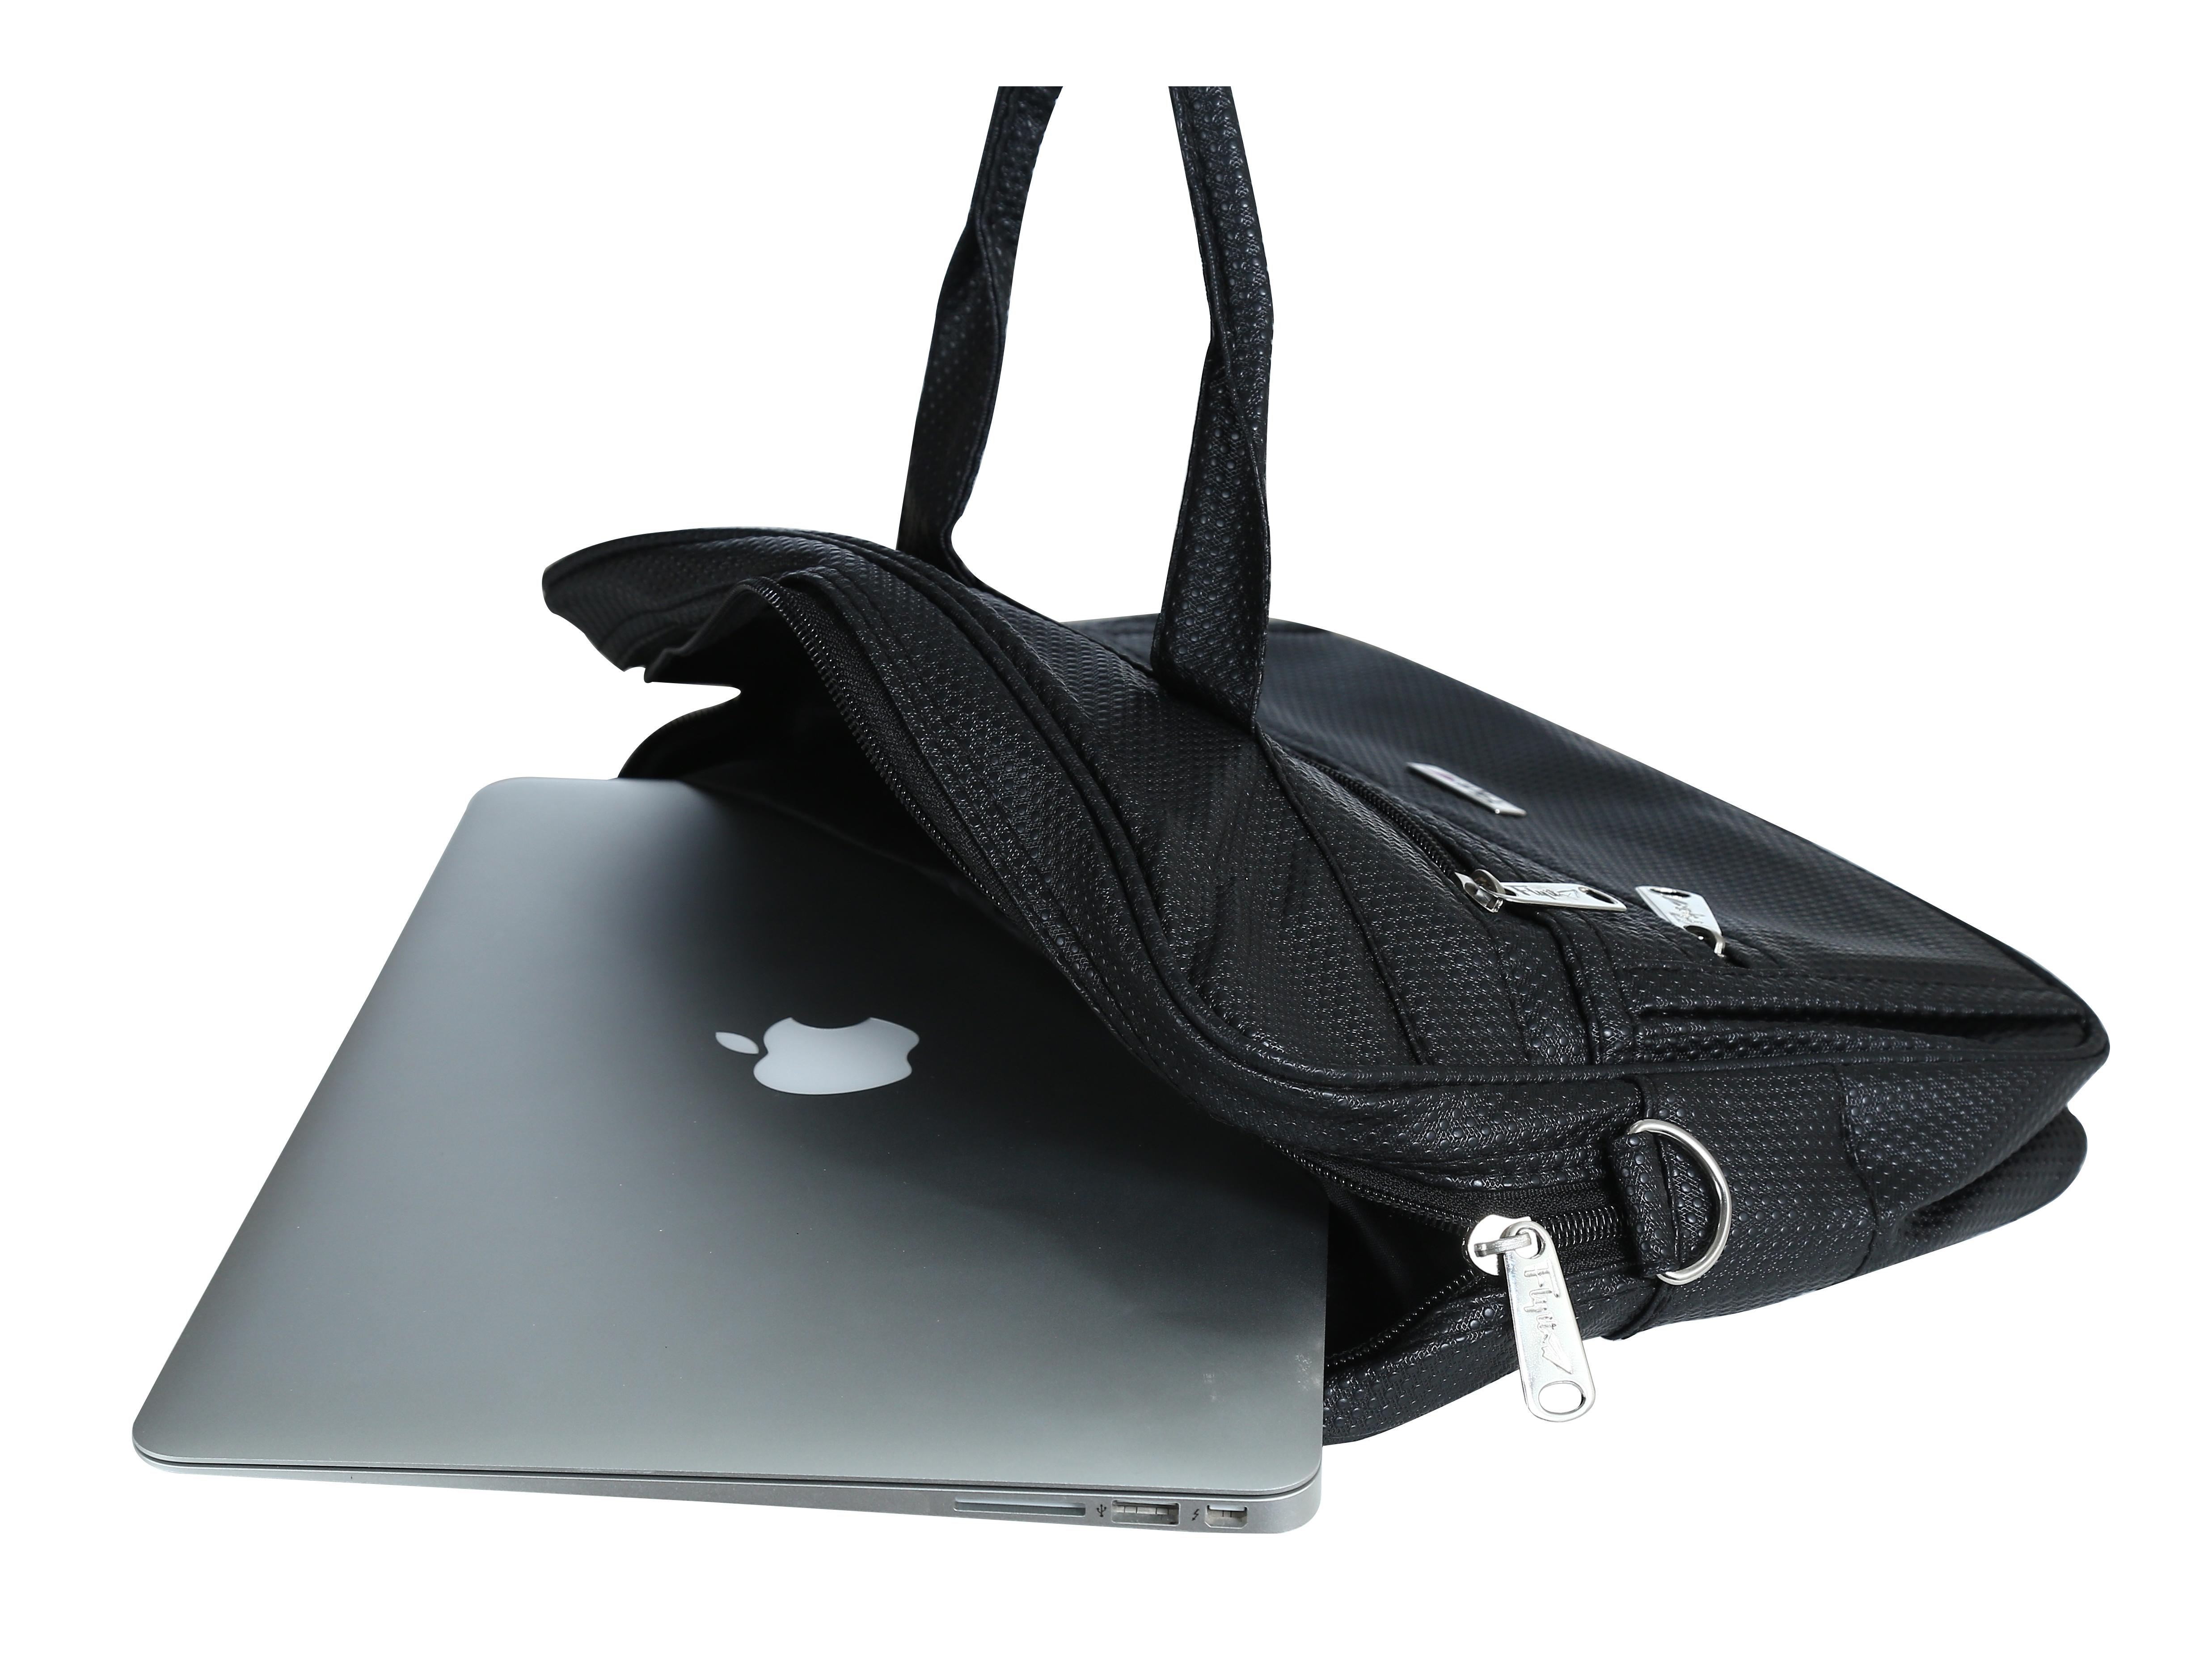 Dot Printed Laptop Bag